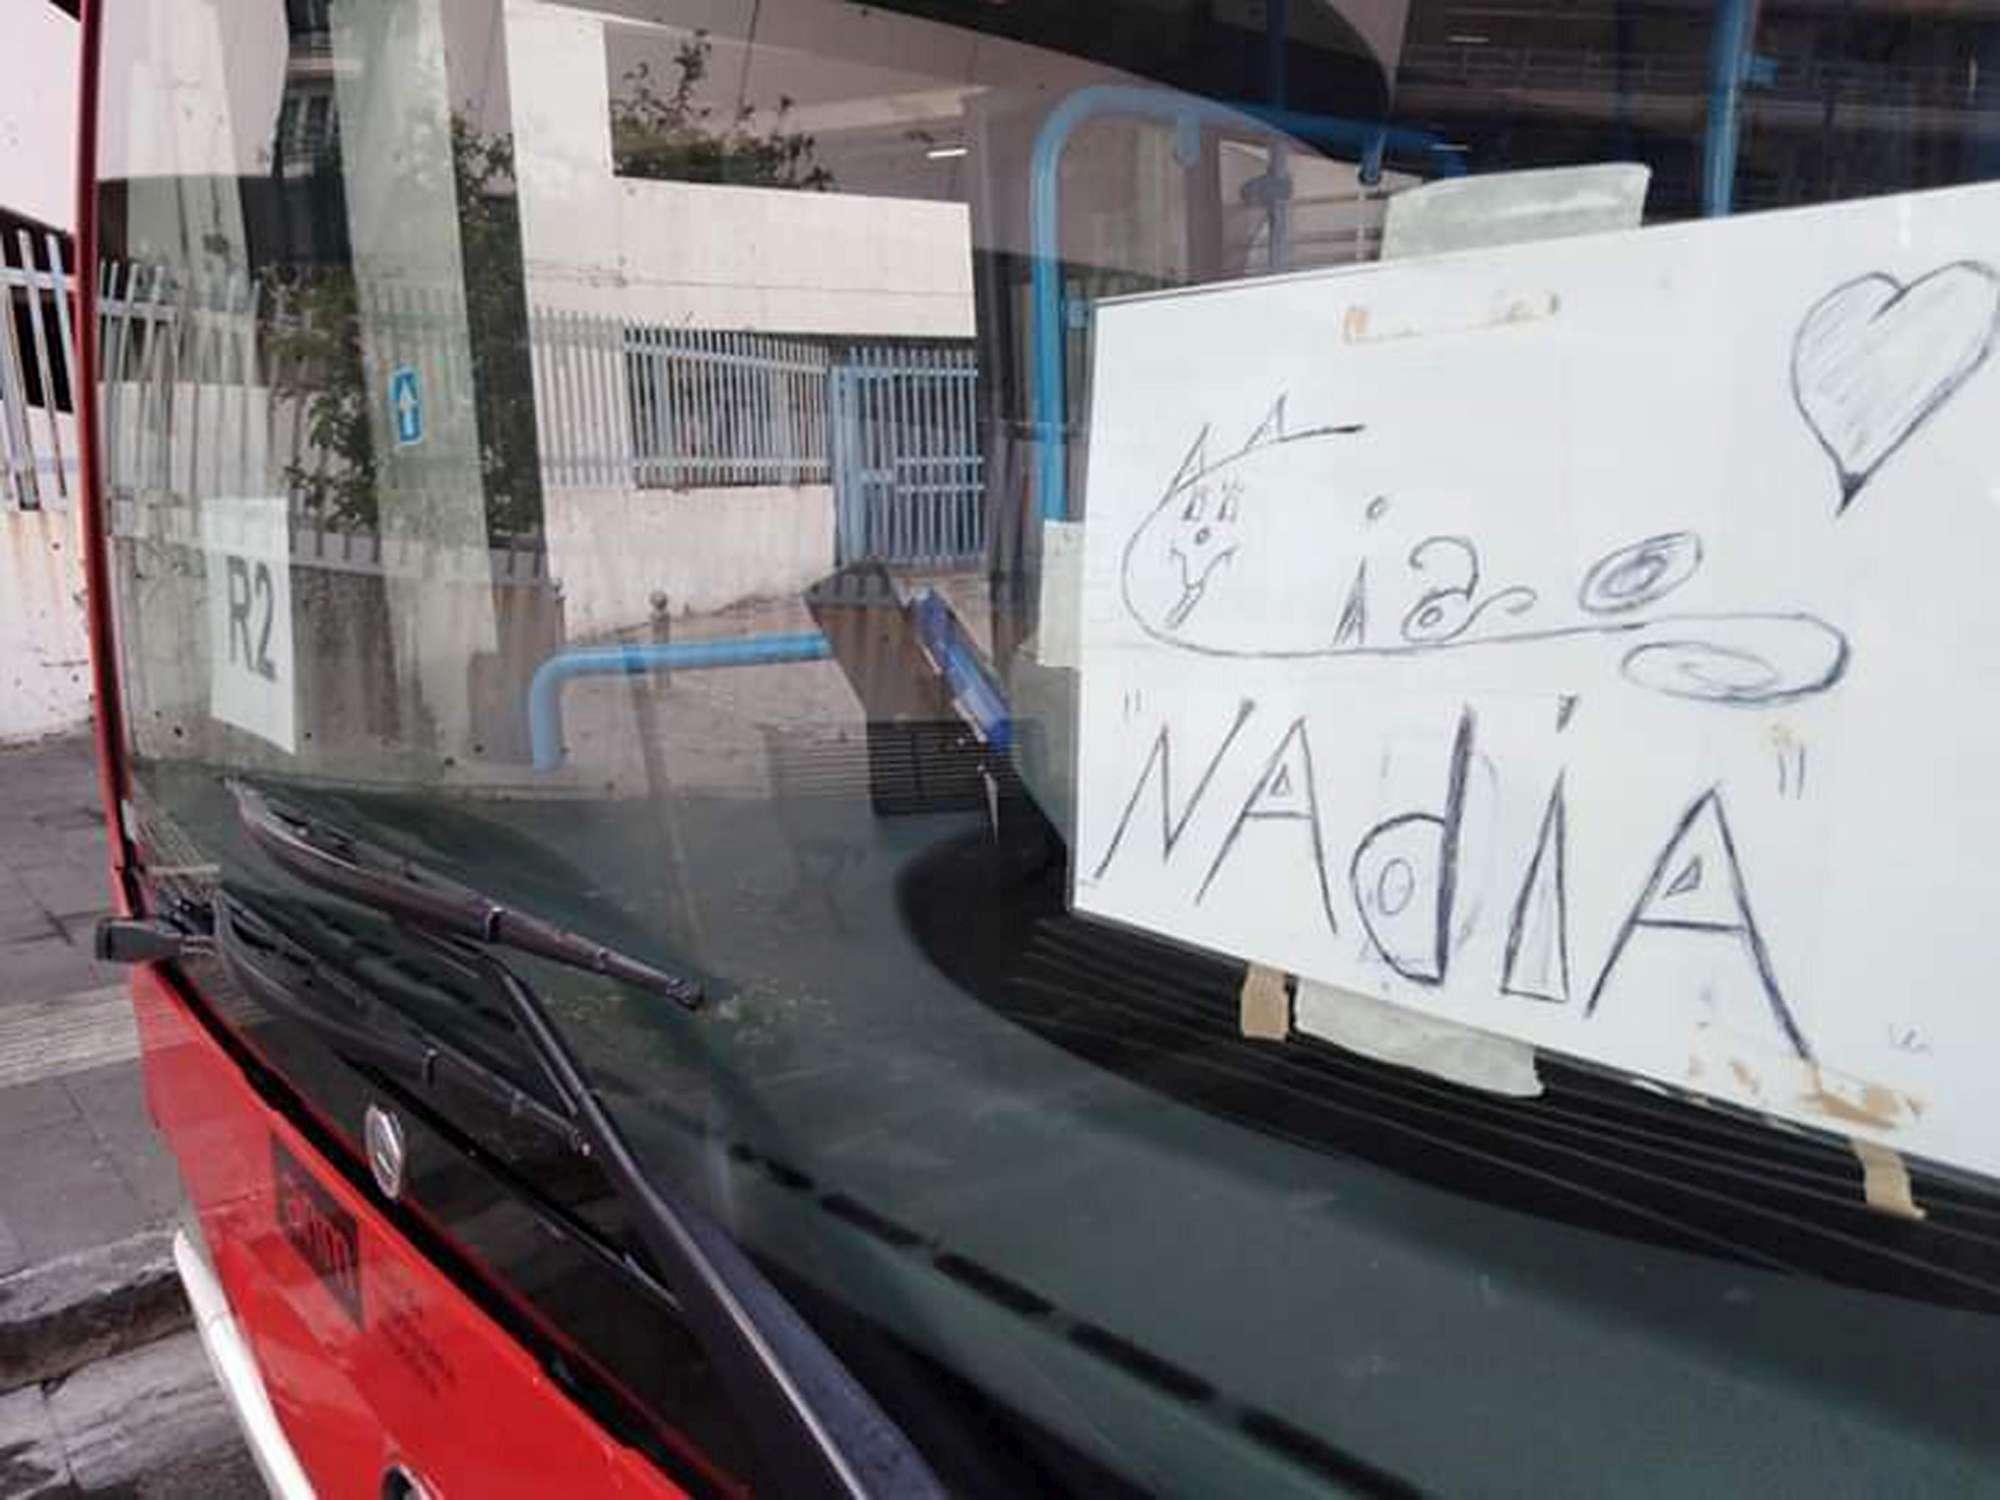 Addio a Nadia Toffa, l'ultimo saluto nella sua Brescia